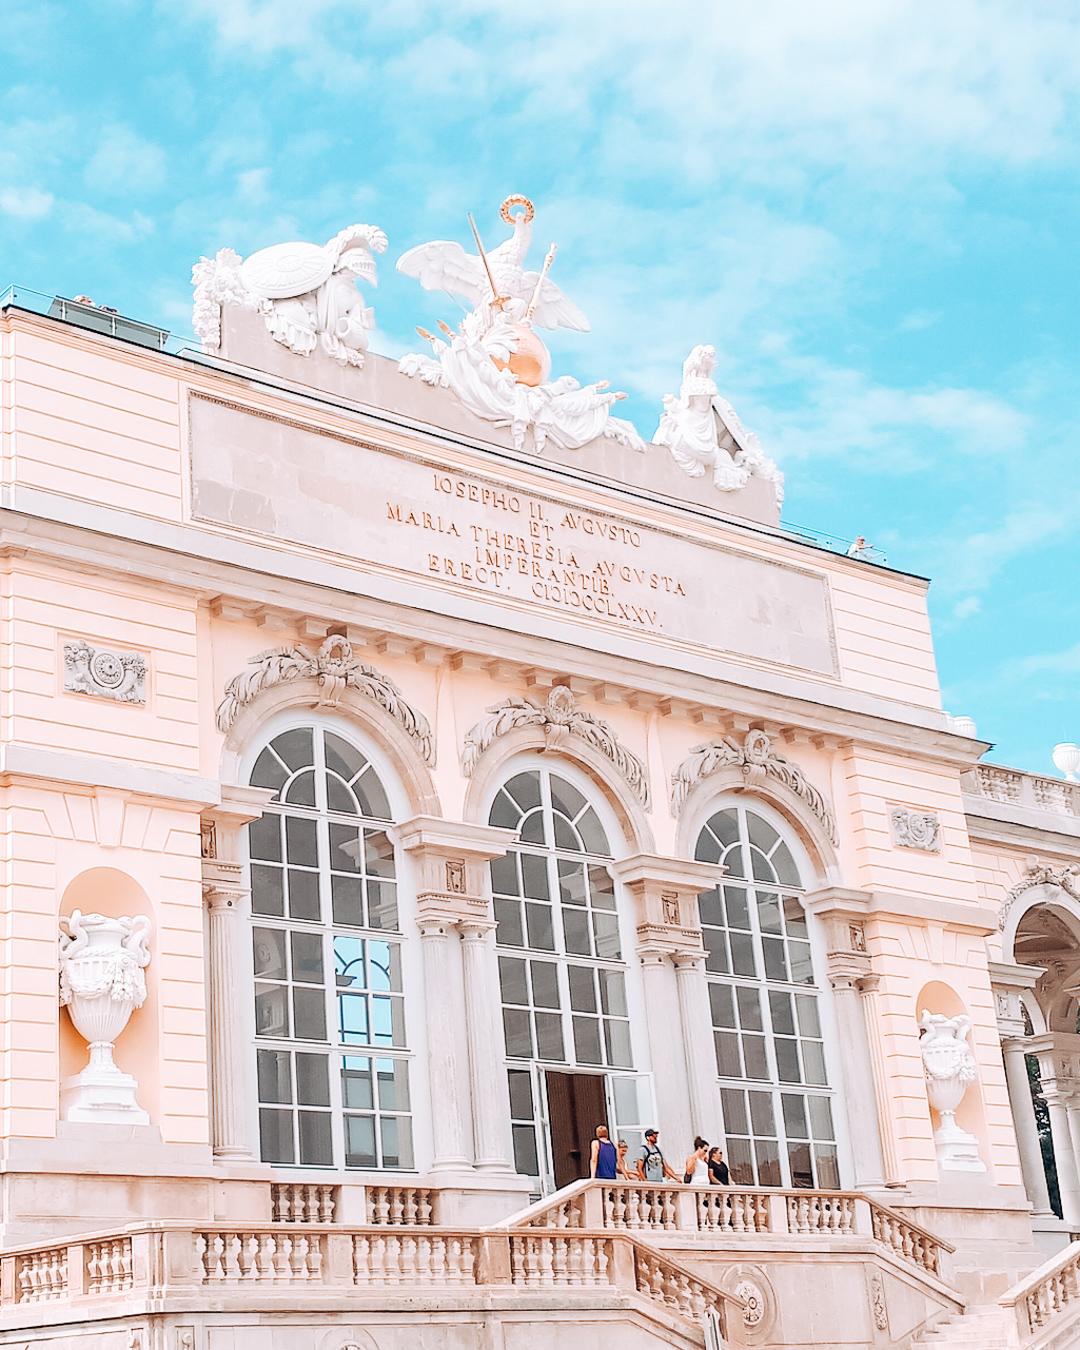 Building in the Schönbrunn gardens